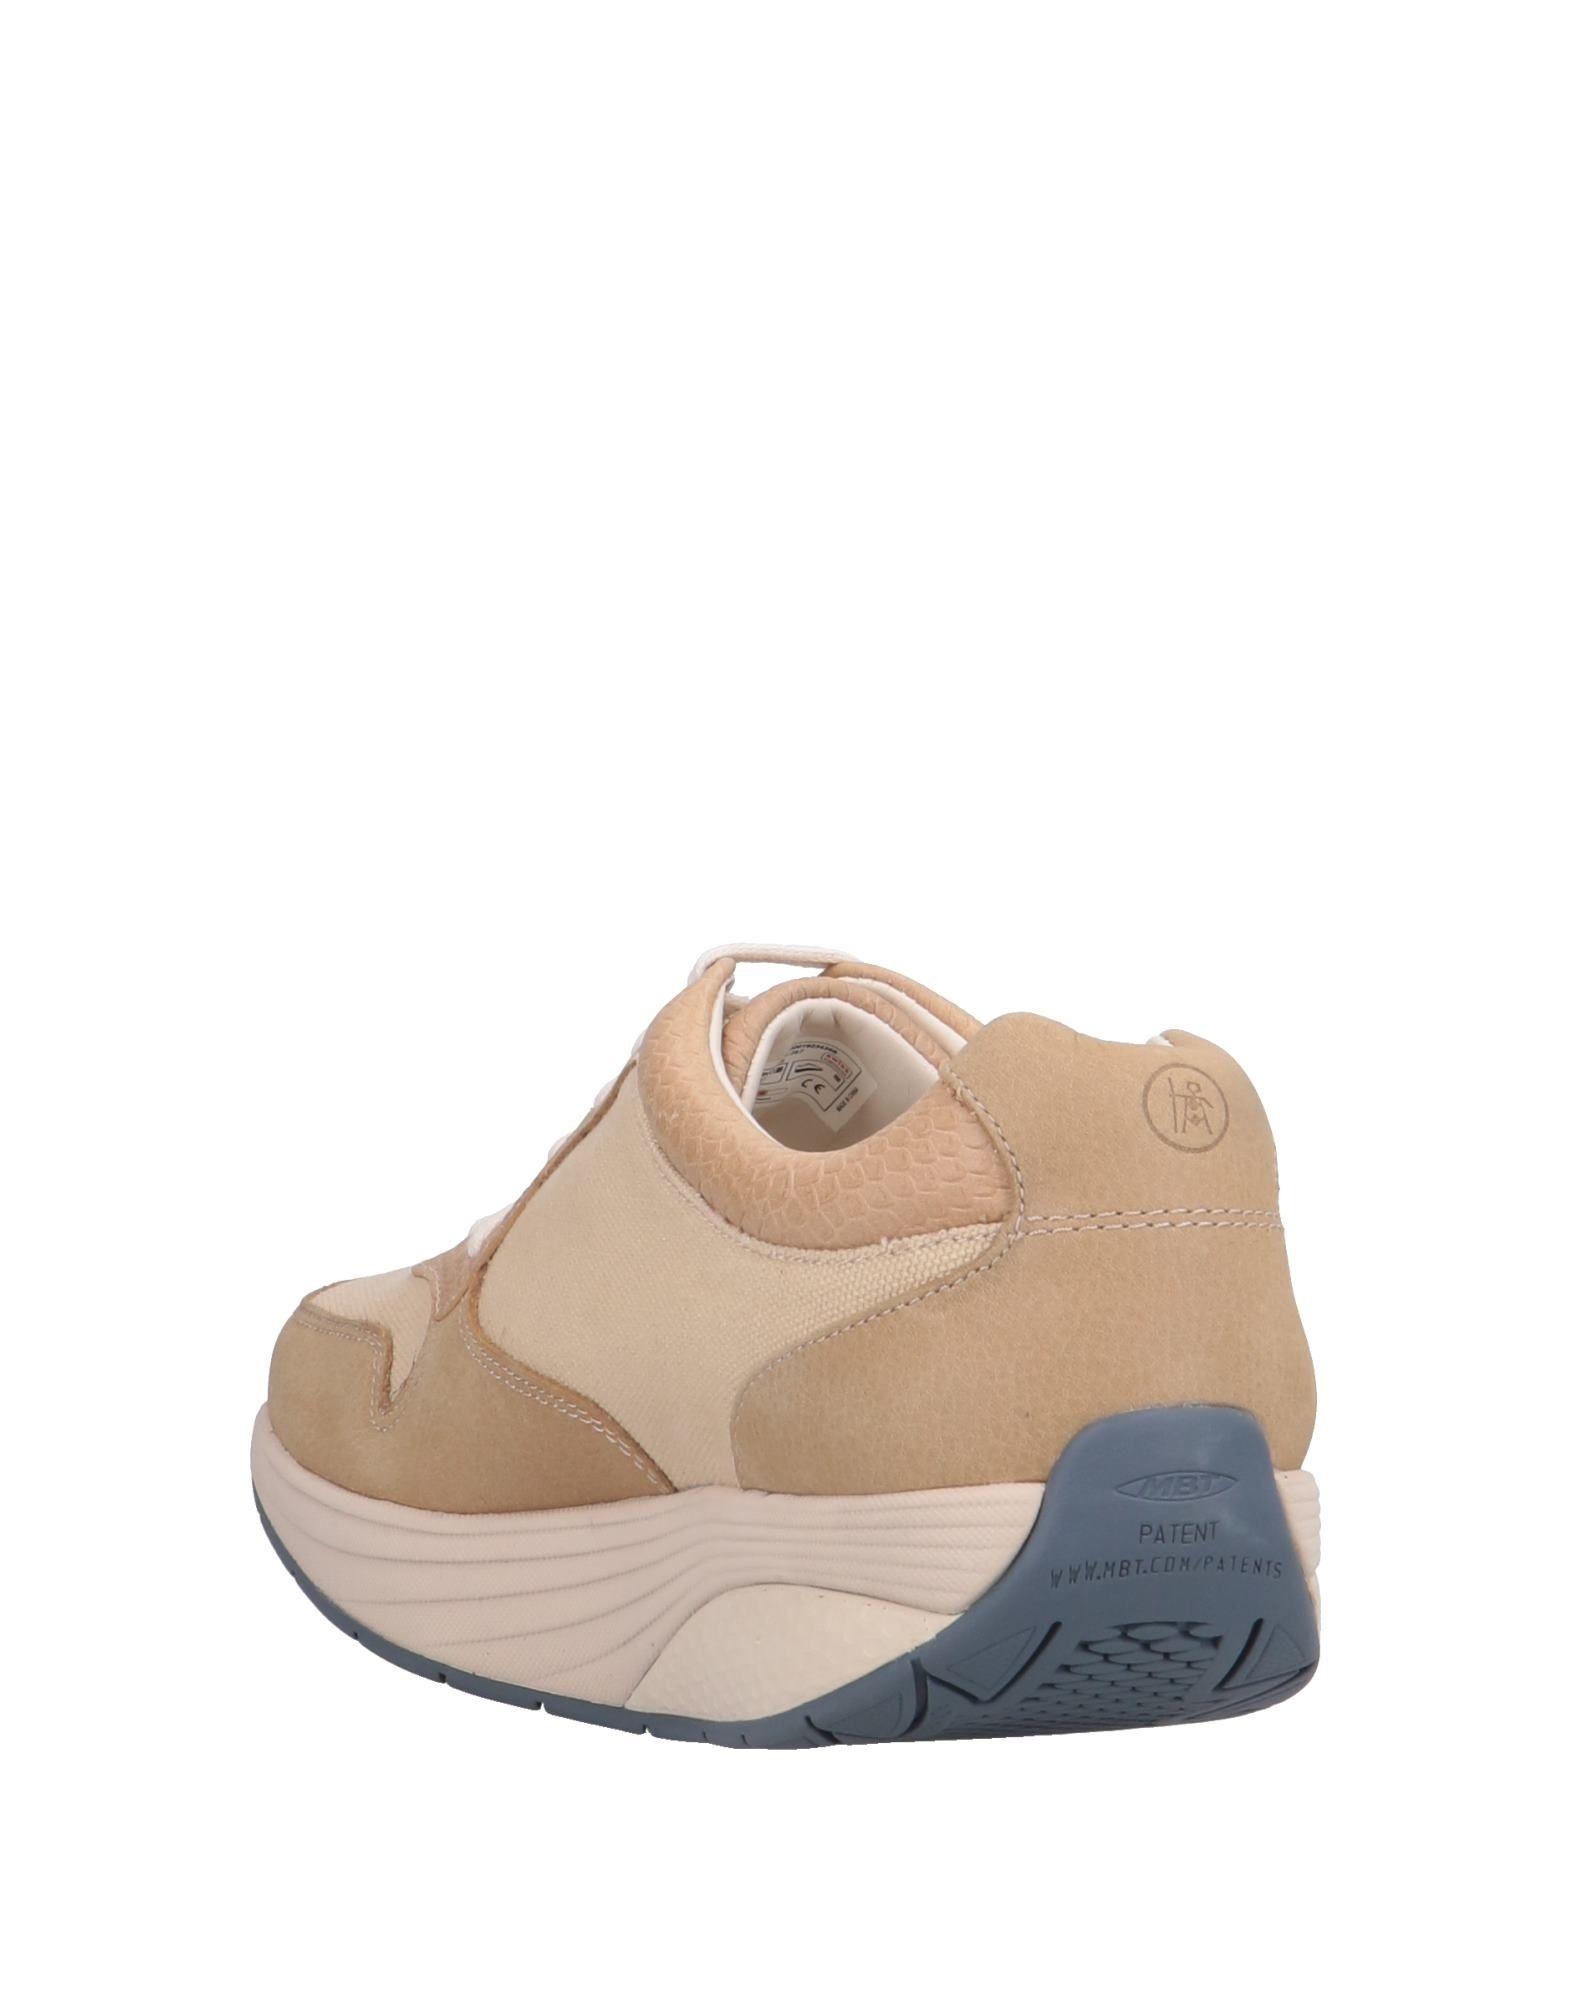 Mbt Sneakers - Men Mbt Sneakers online on    Australia - 11564142IN 280020